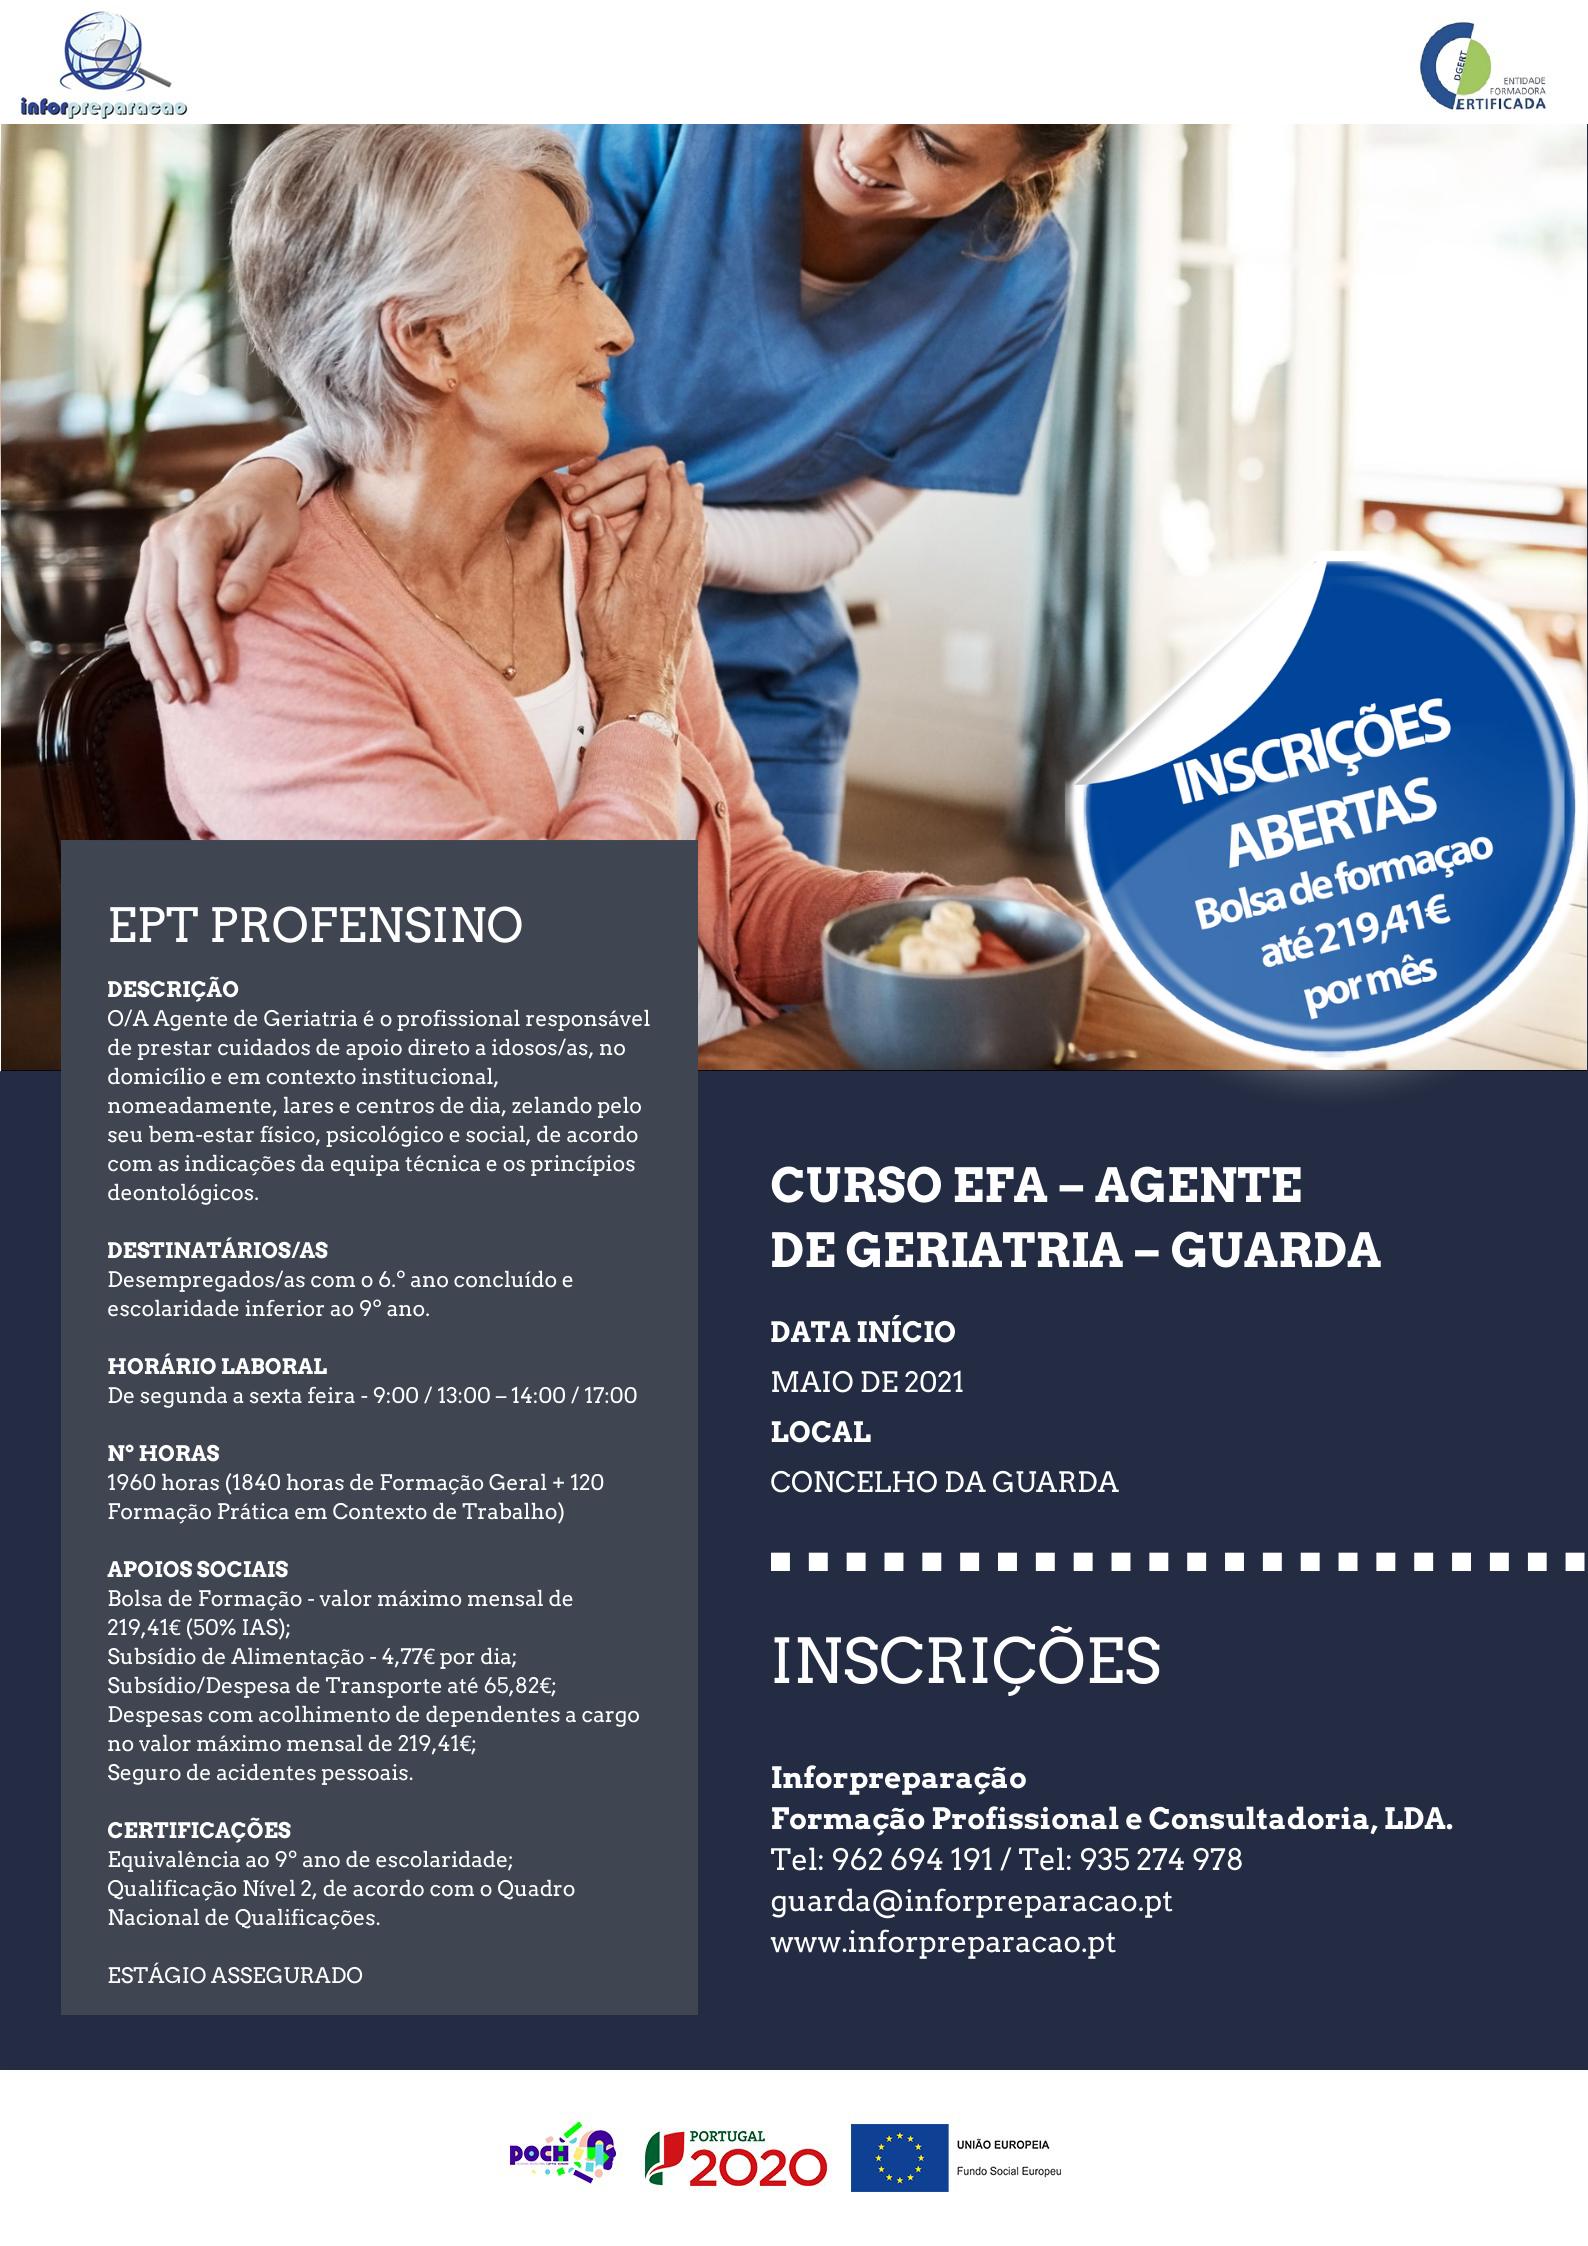 CURSO EFA – AGENTE DE GERIATRIA